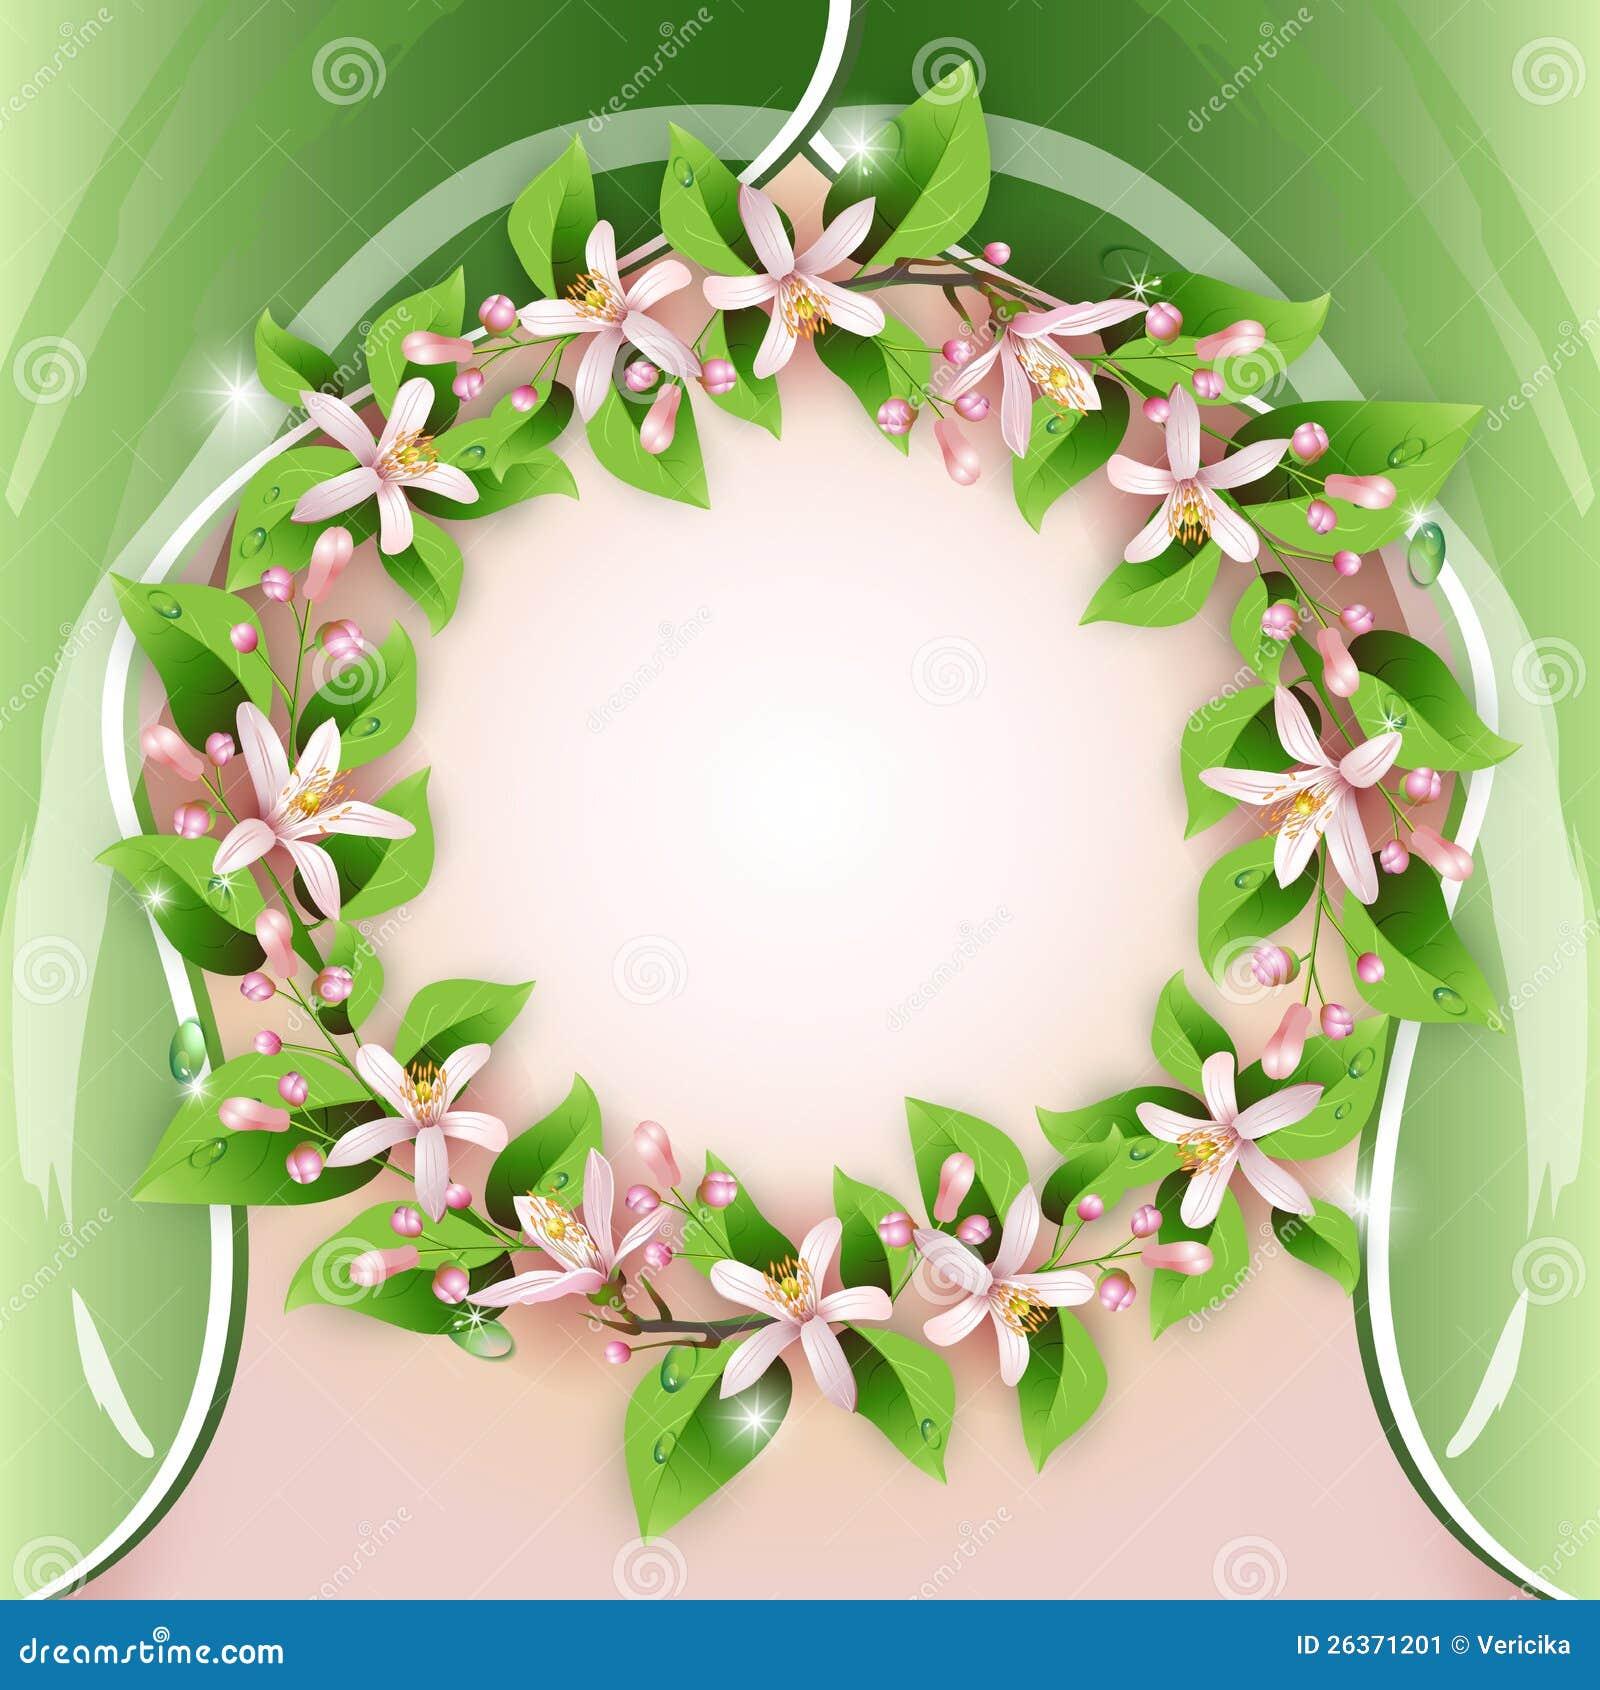 Hintergrund mit Blume Wreath